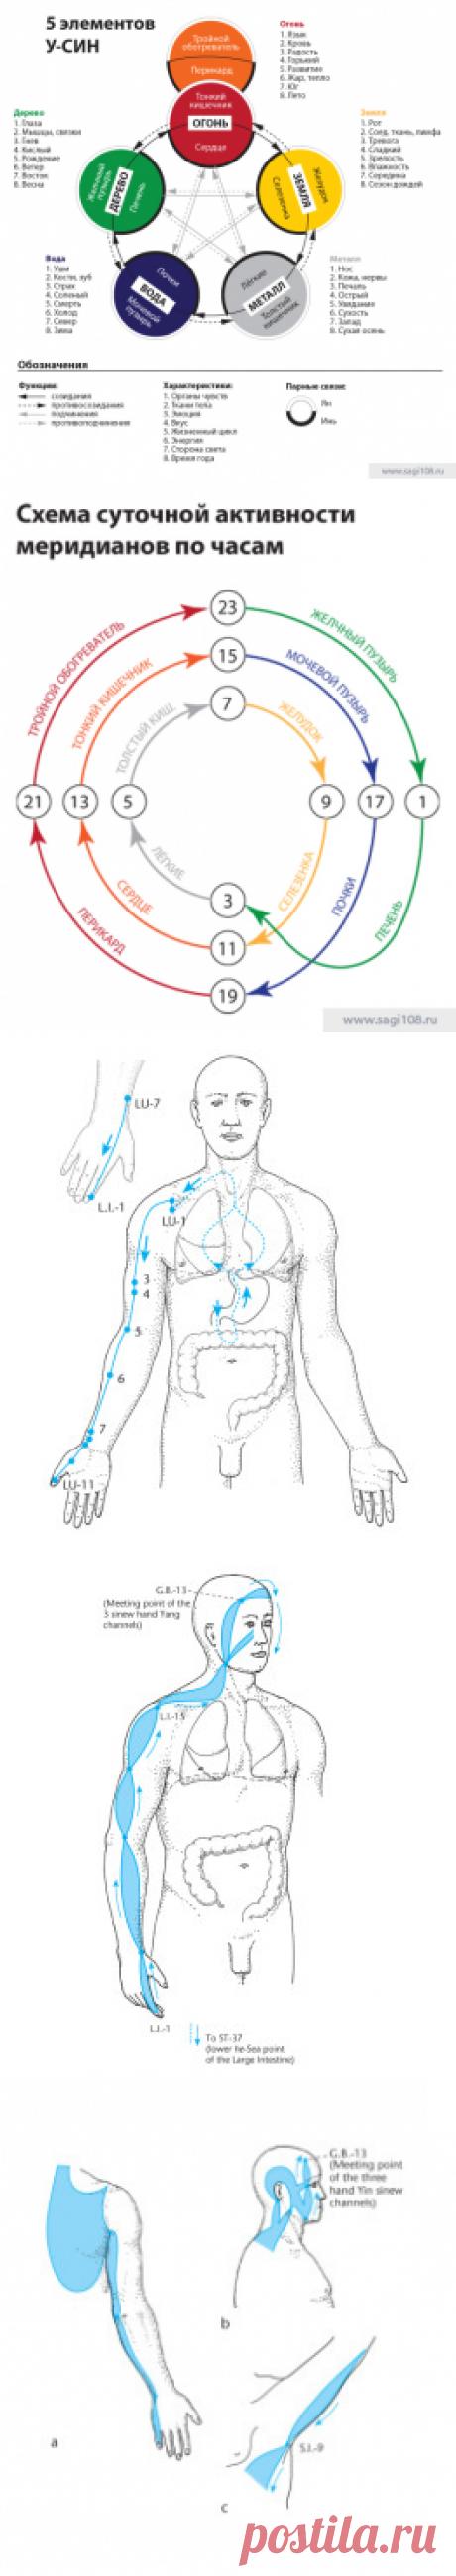 Воздействие на корпоральные мышечно-сухожильные меридианы методами хатха-йоги | Саги Ермолаева